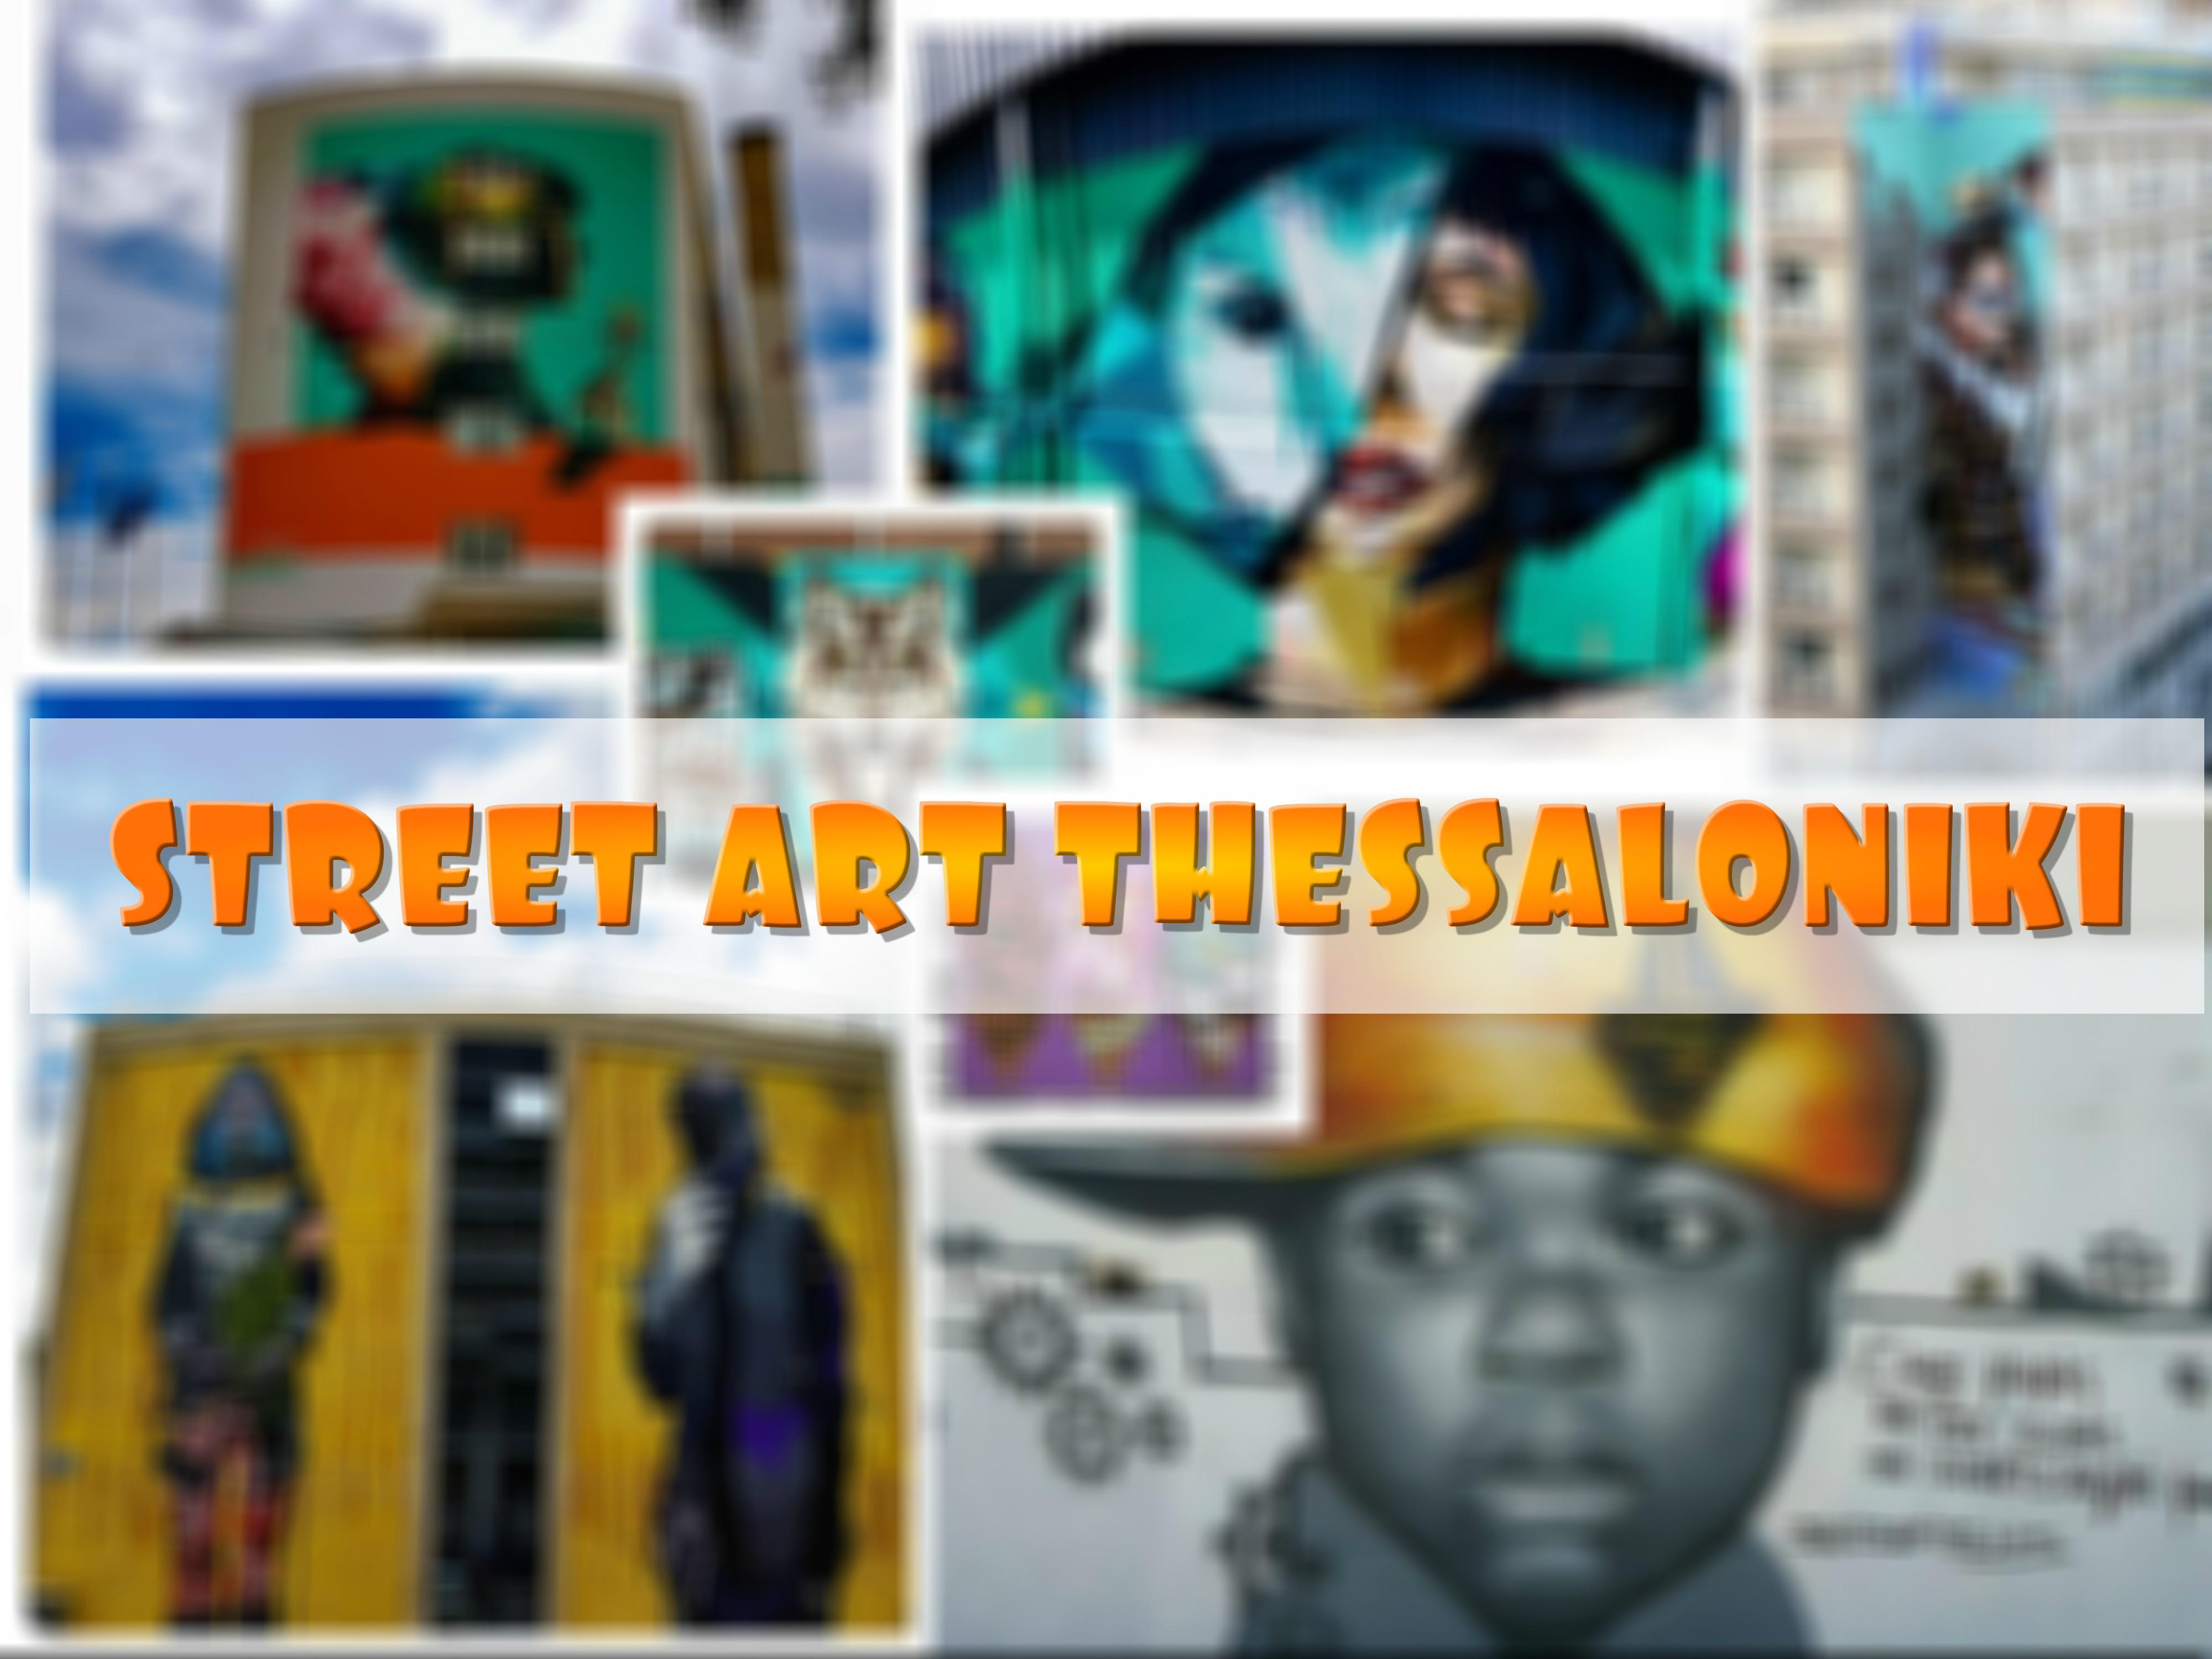 Street Art Thessaloniki